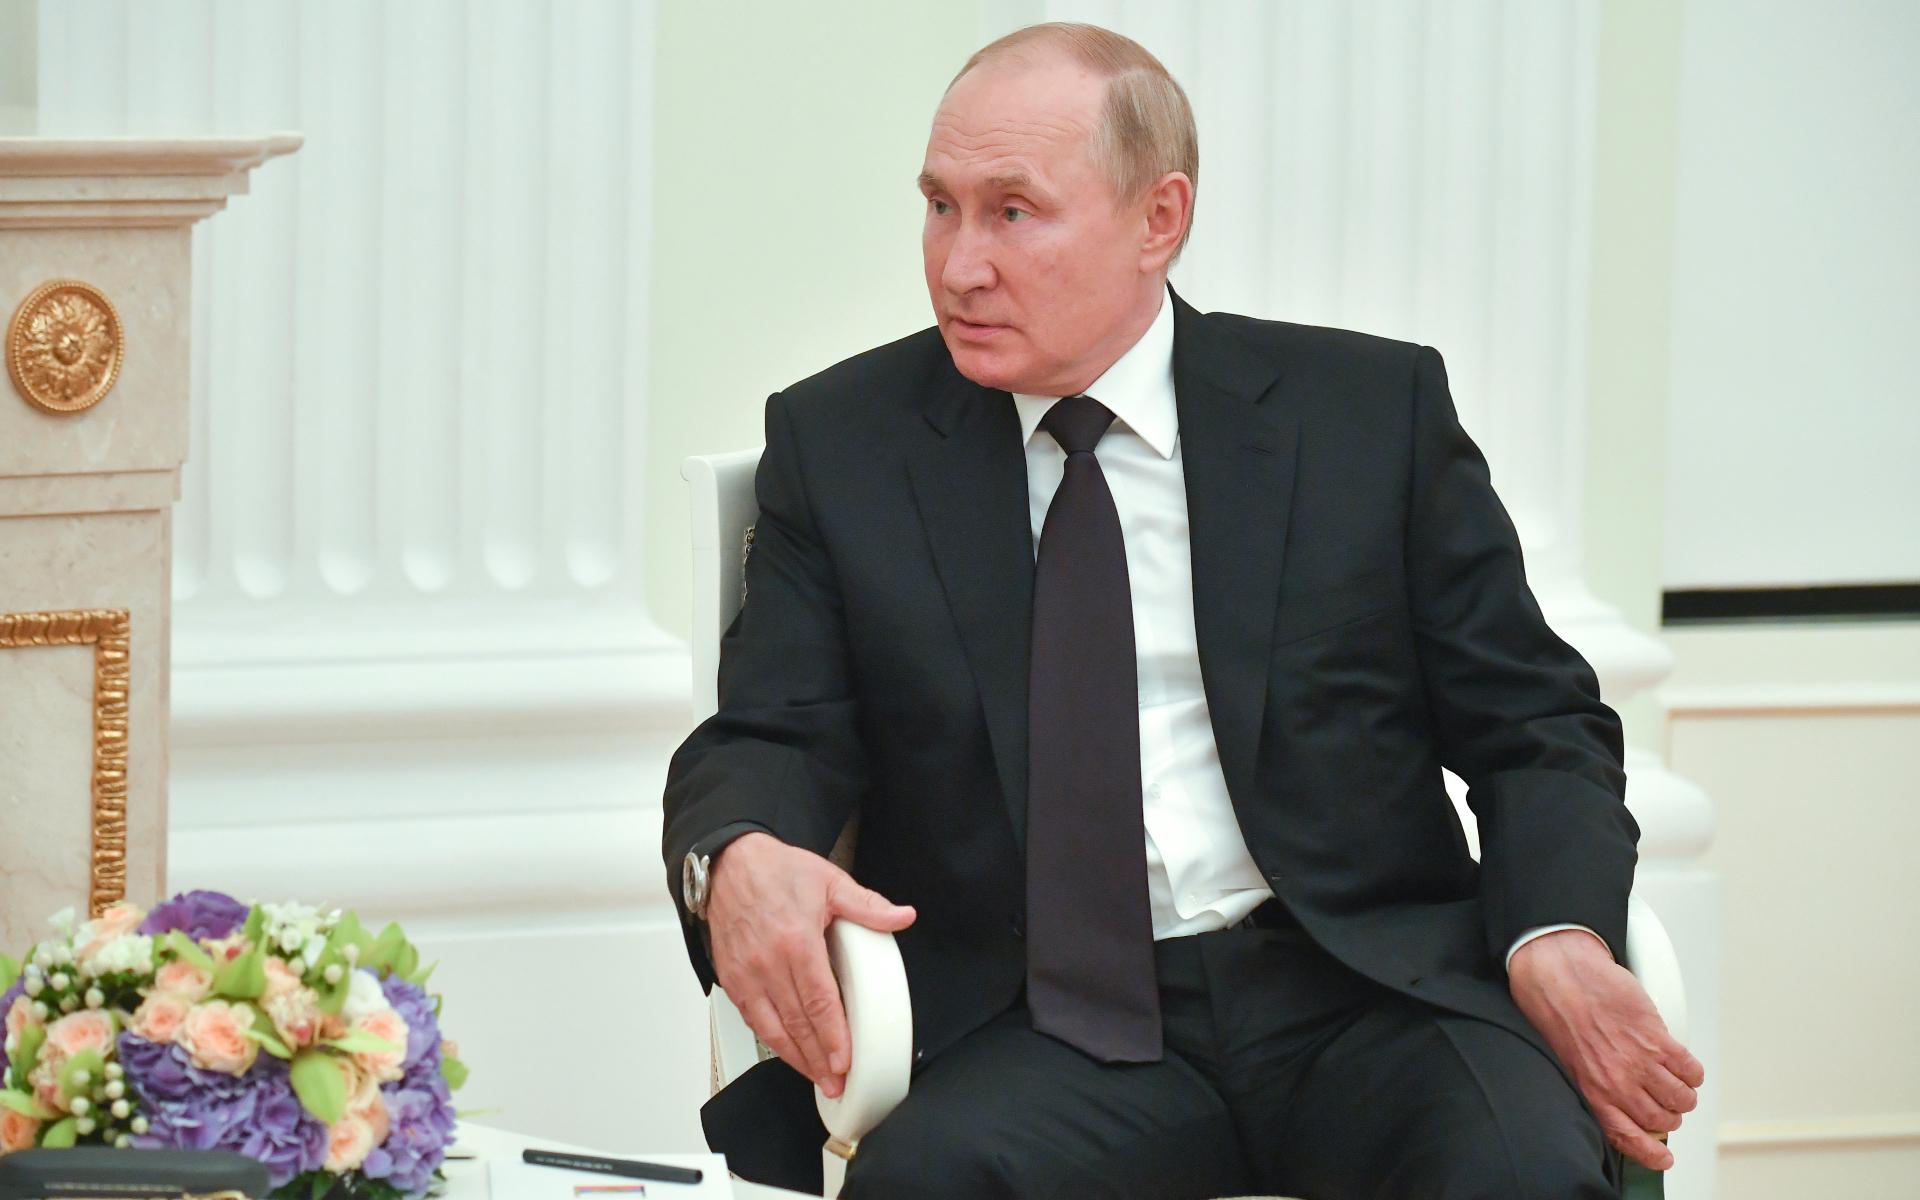 Фото:Михаил Воскресенский/POOL/ТАСС